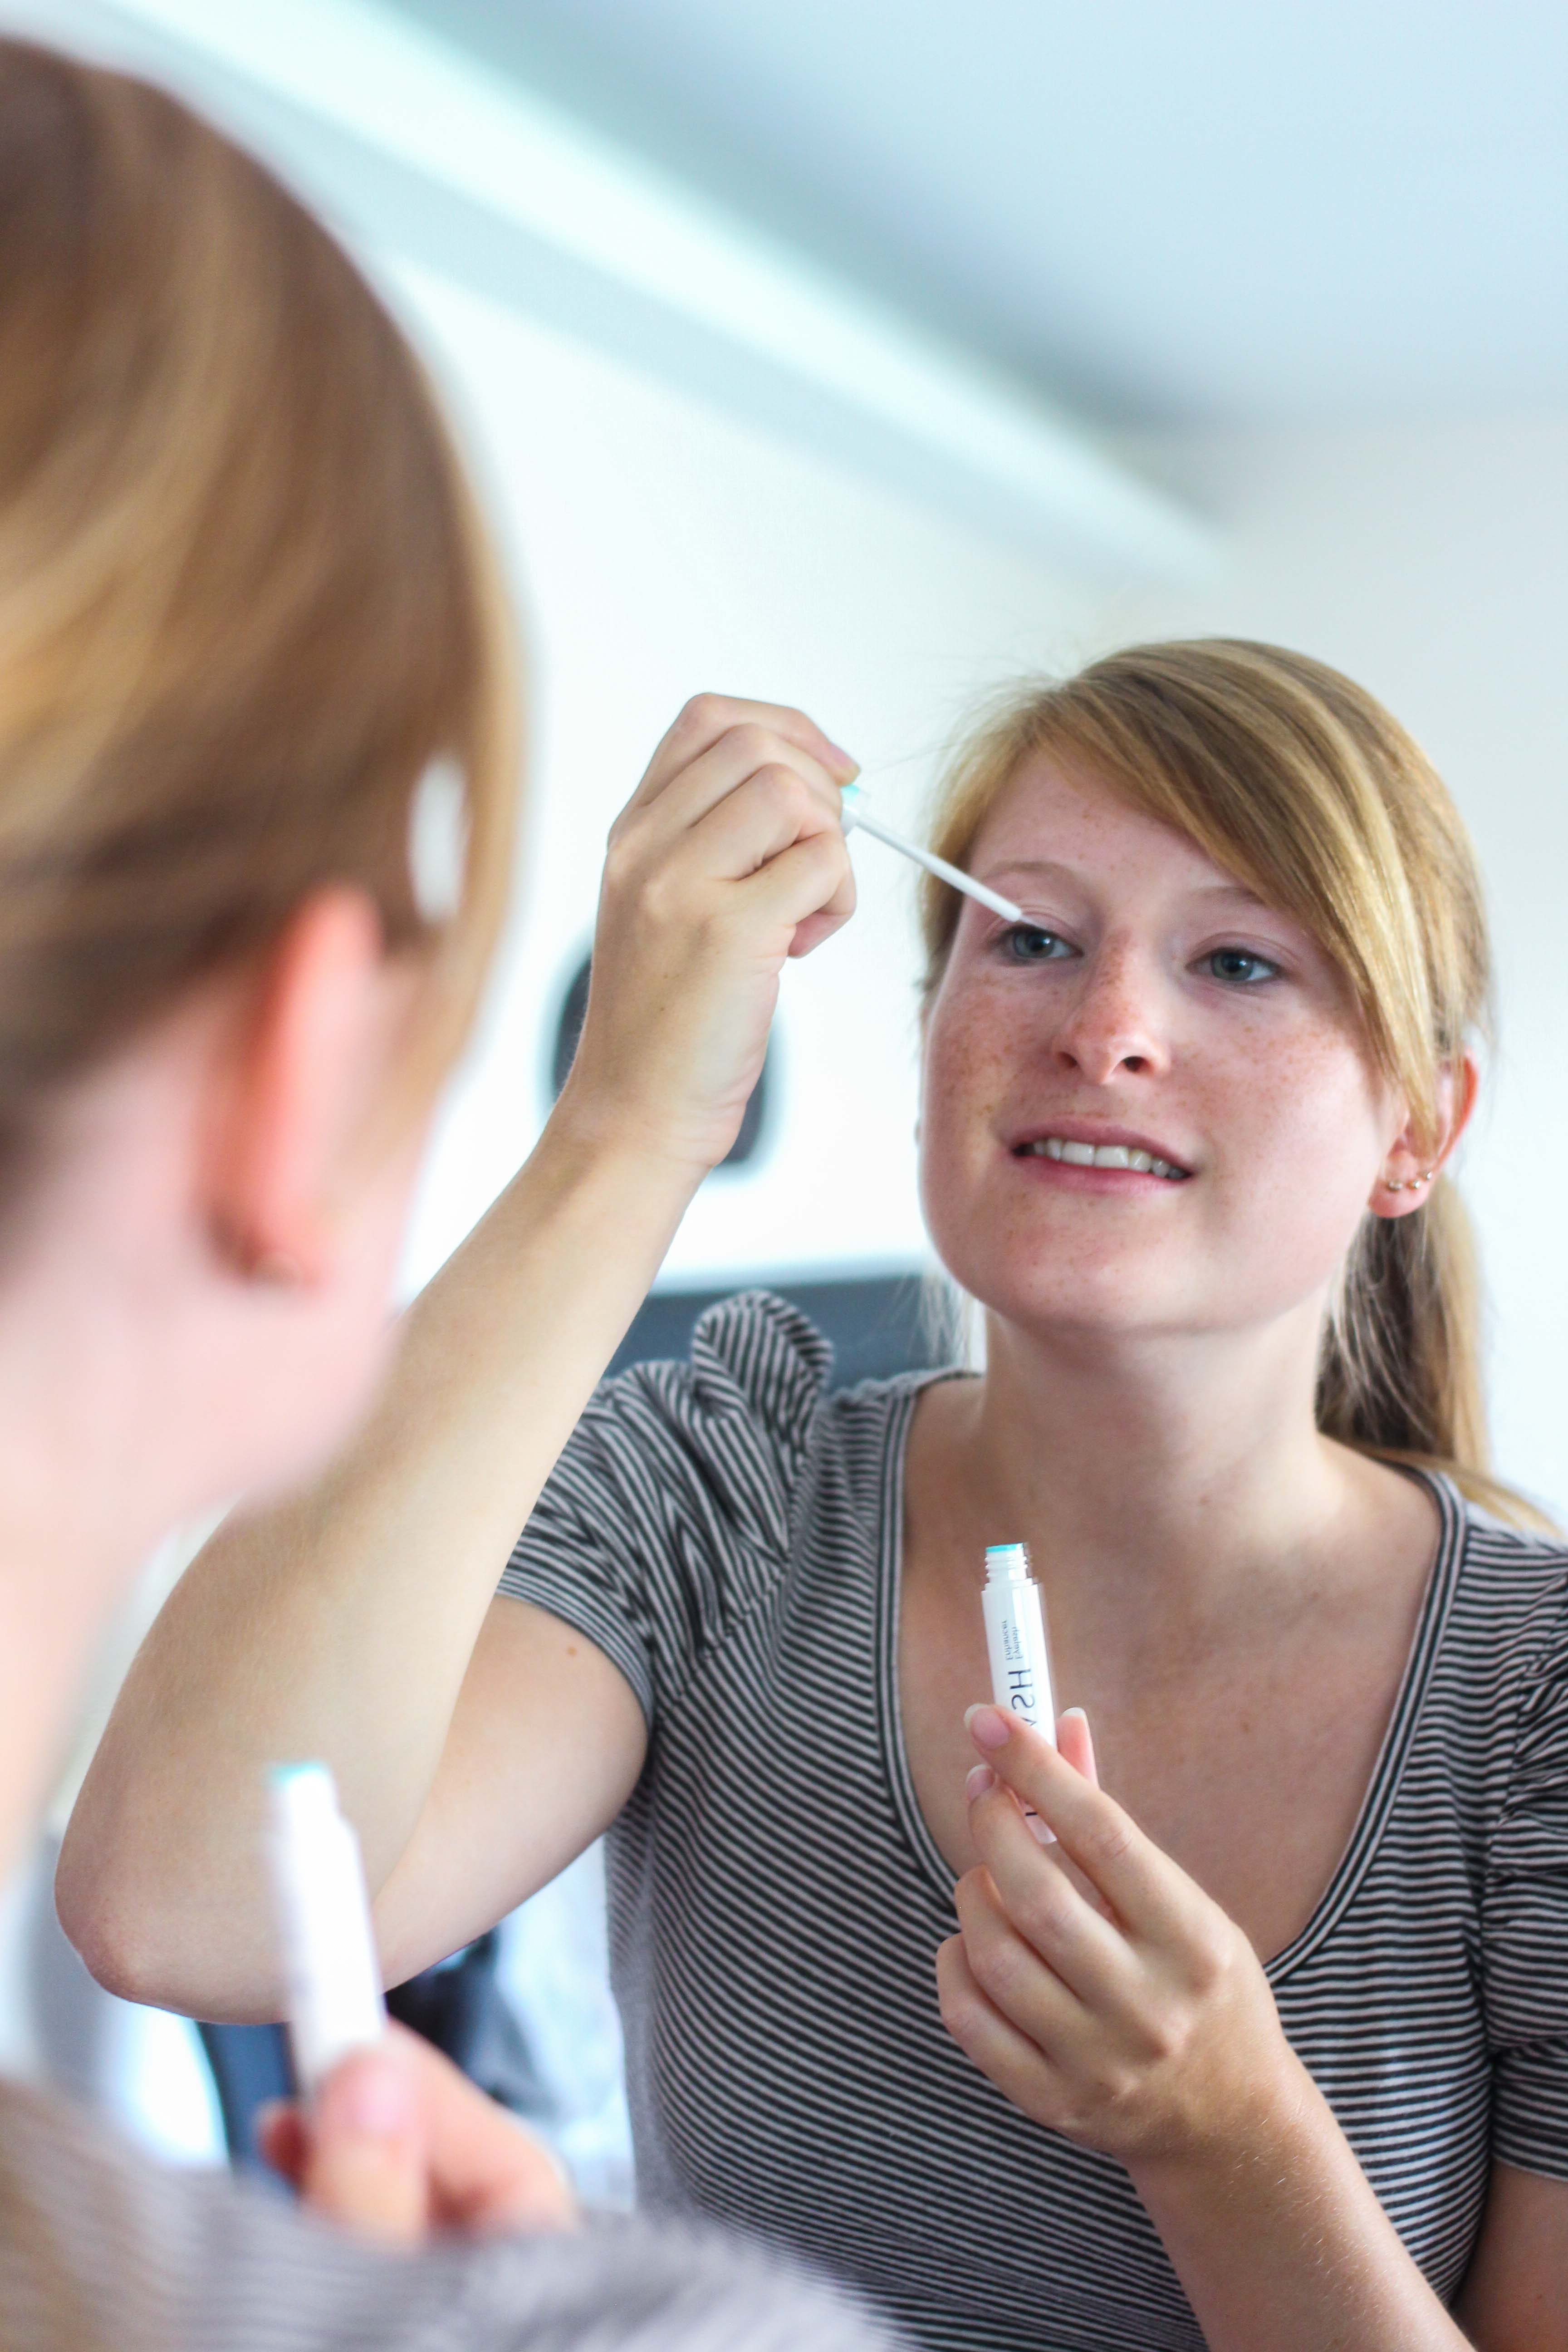 Augenpartie Lange Wimpern RELASH Wimpernserum Orphica Beauty Blog Test Anwendung 1